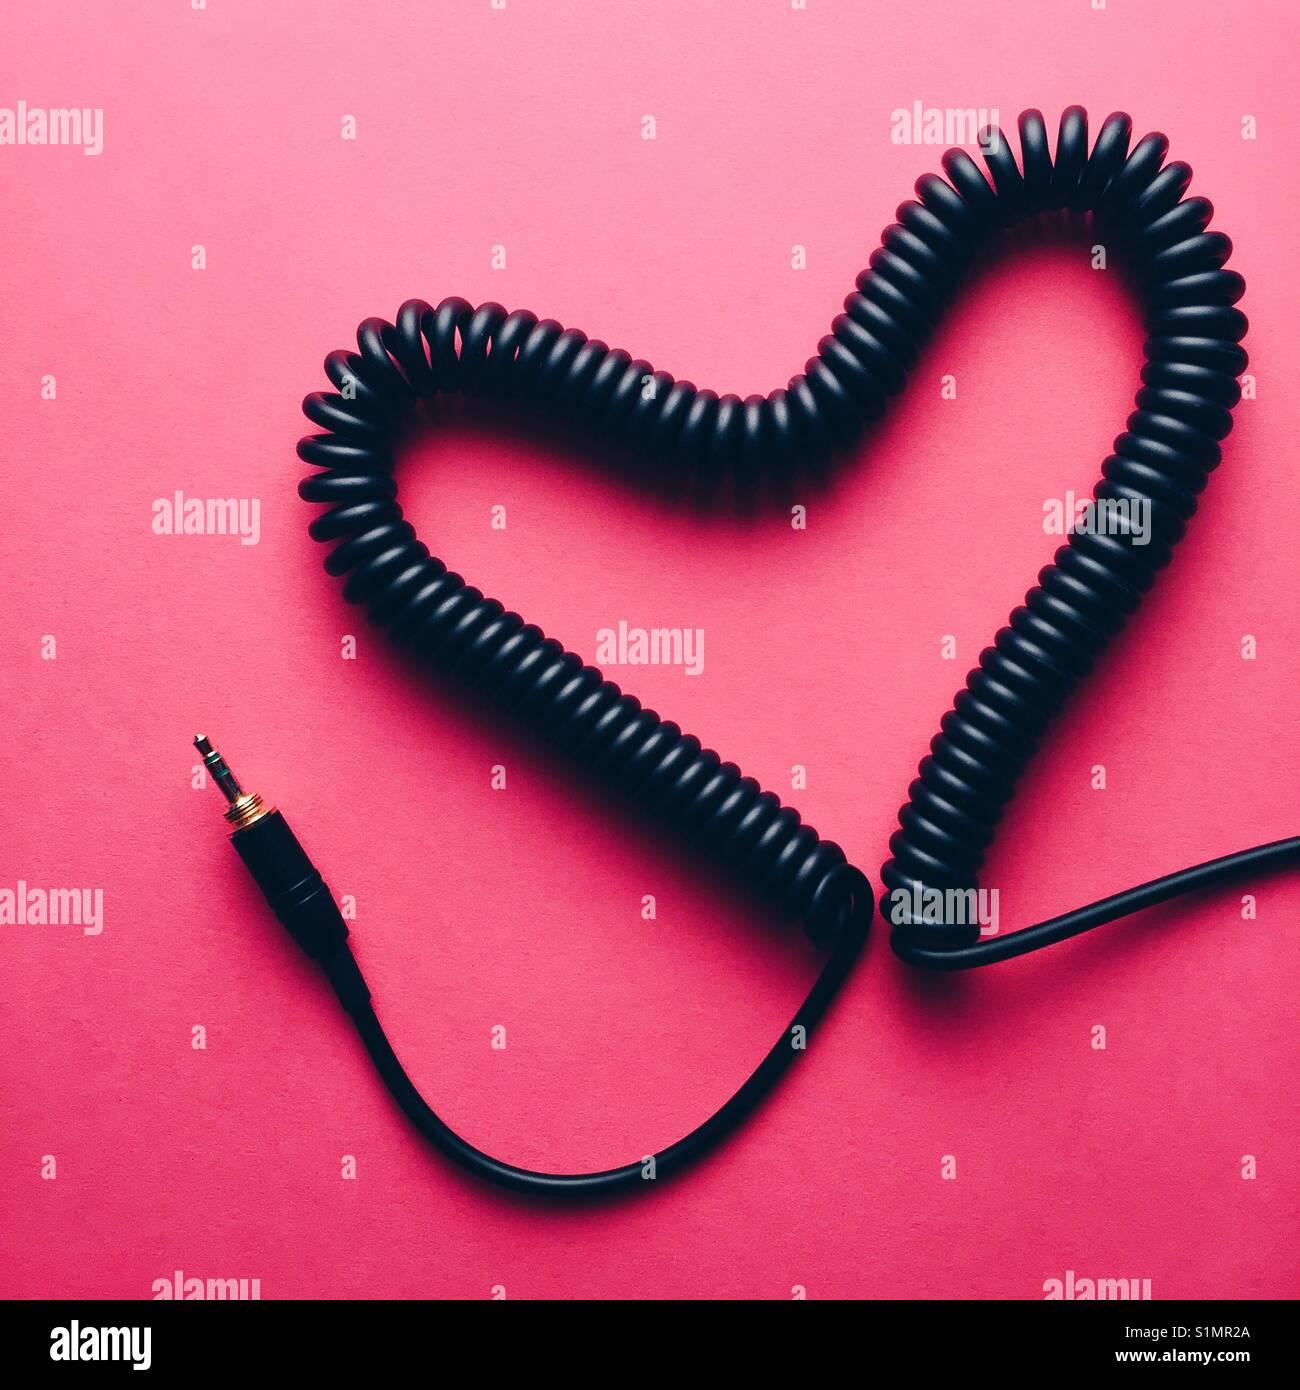 Un cavo a spirale il cavo delle cuffie realizzato a forma di cuore su uno sfondo rosa Immagini Stock